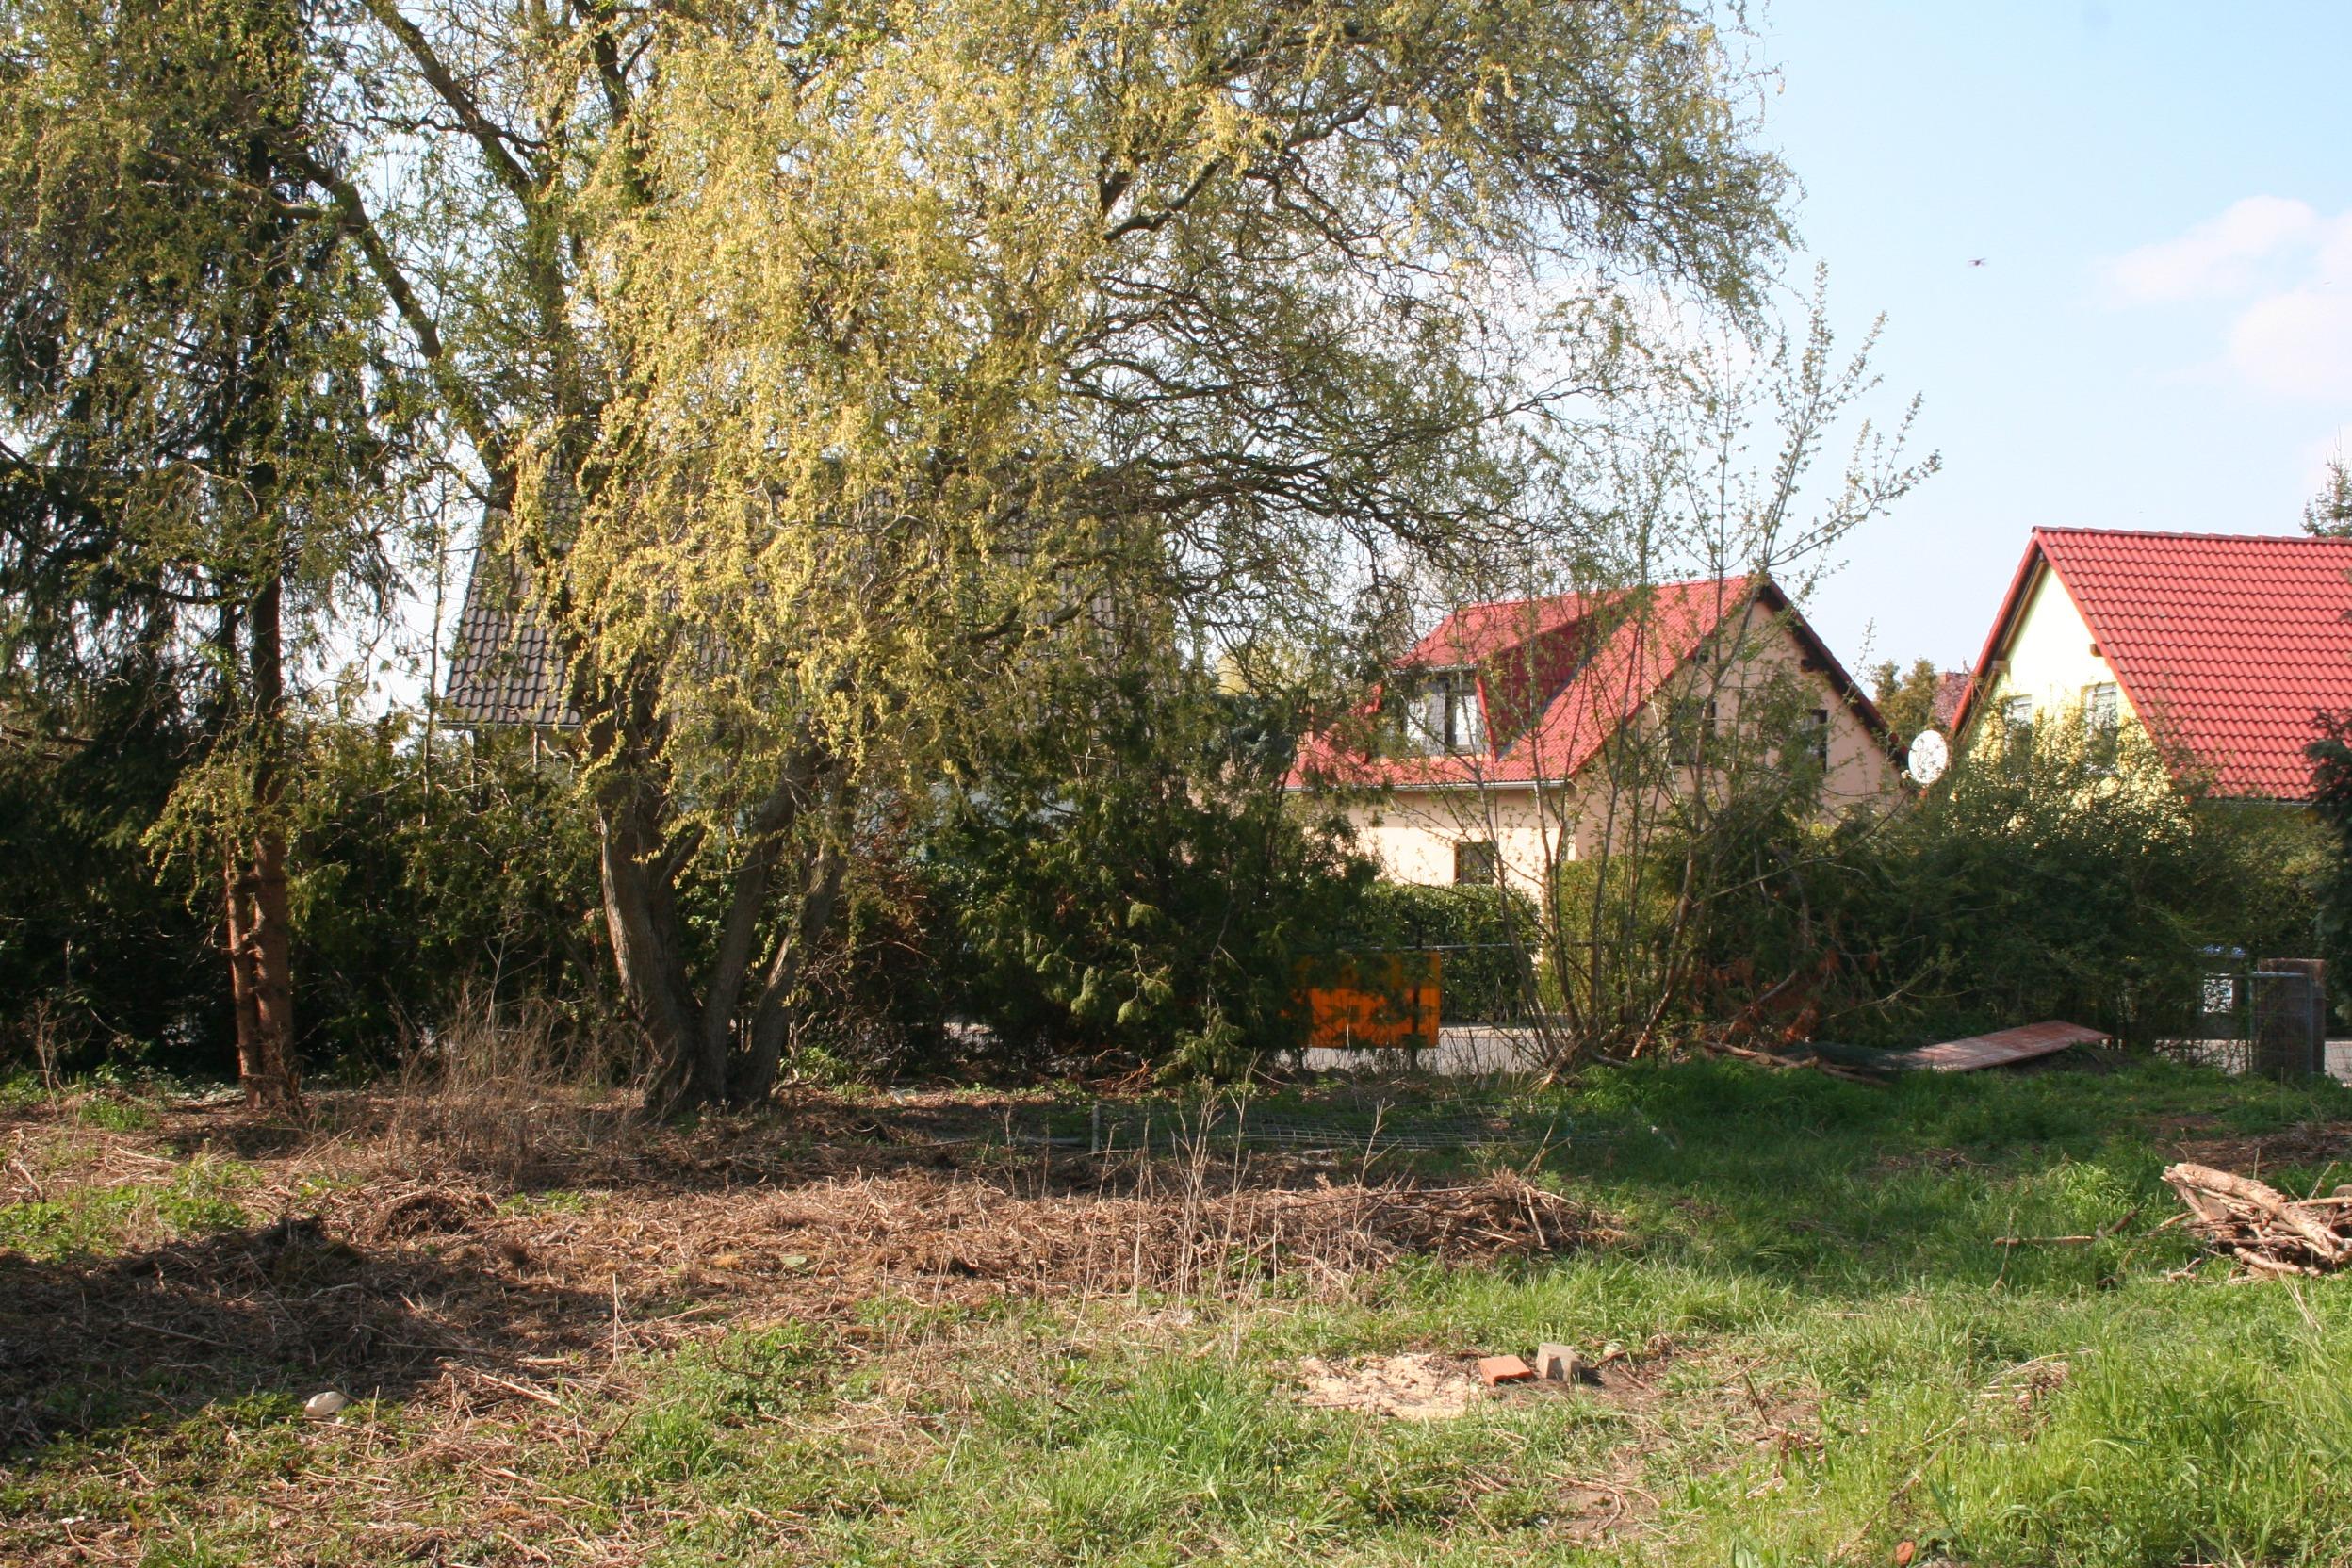 Einfamilienhaus Halle-Seeben - Blick in den Garten